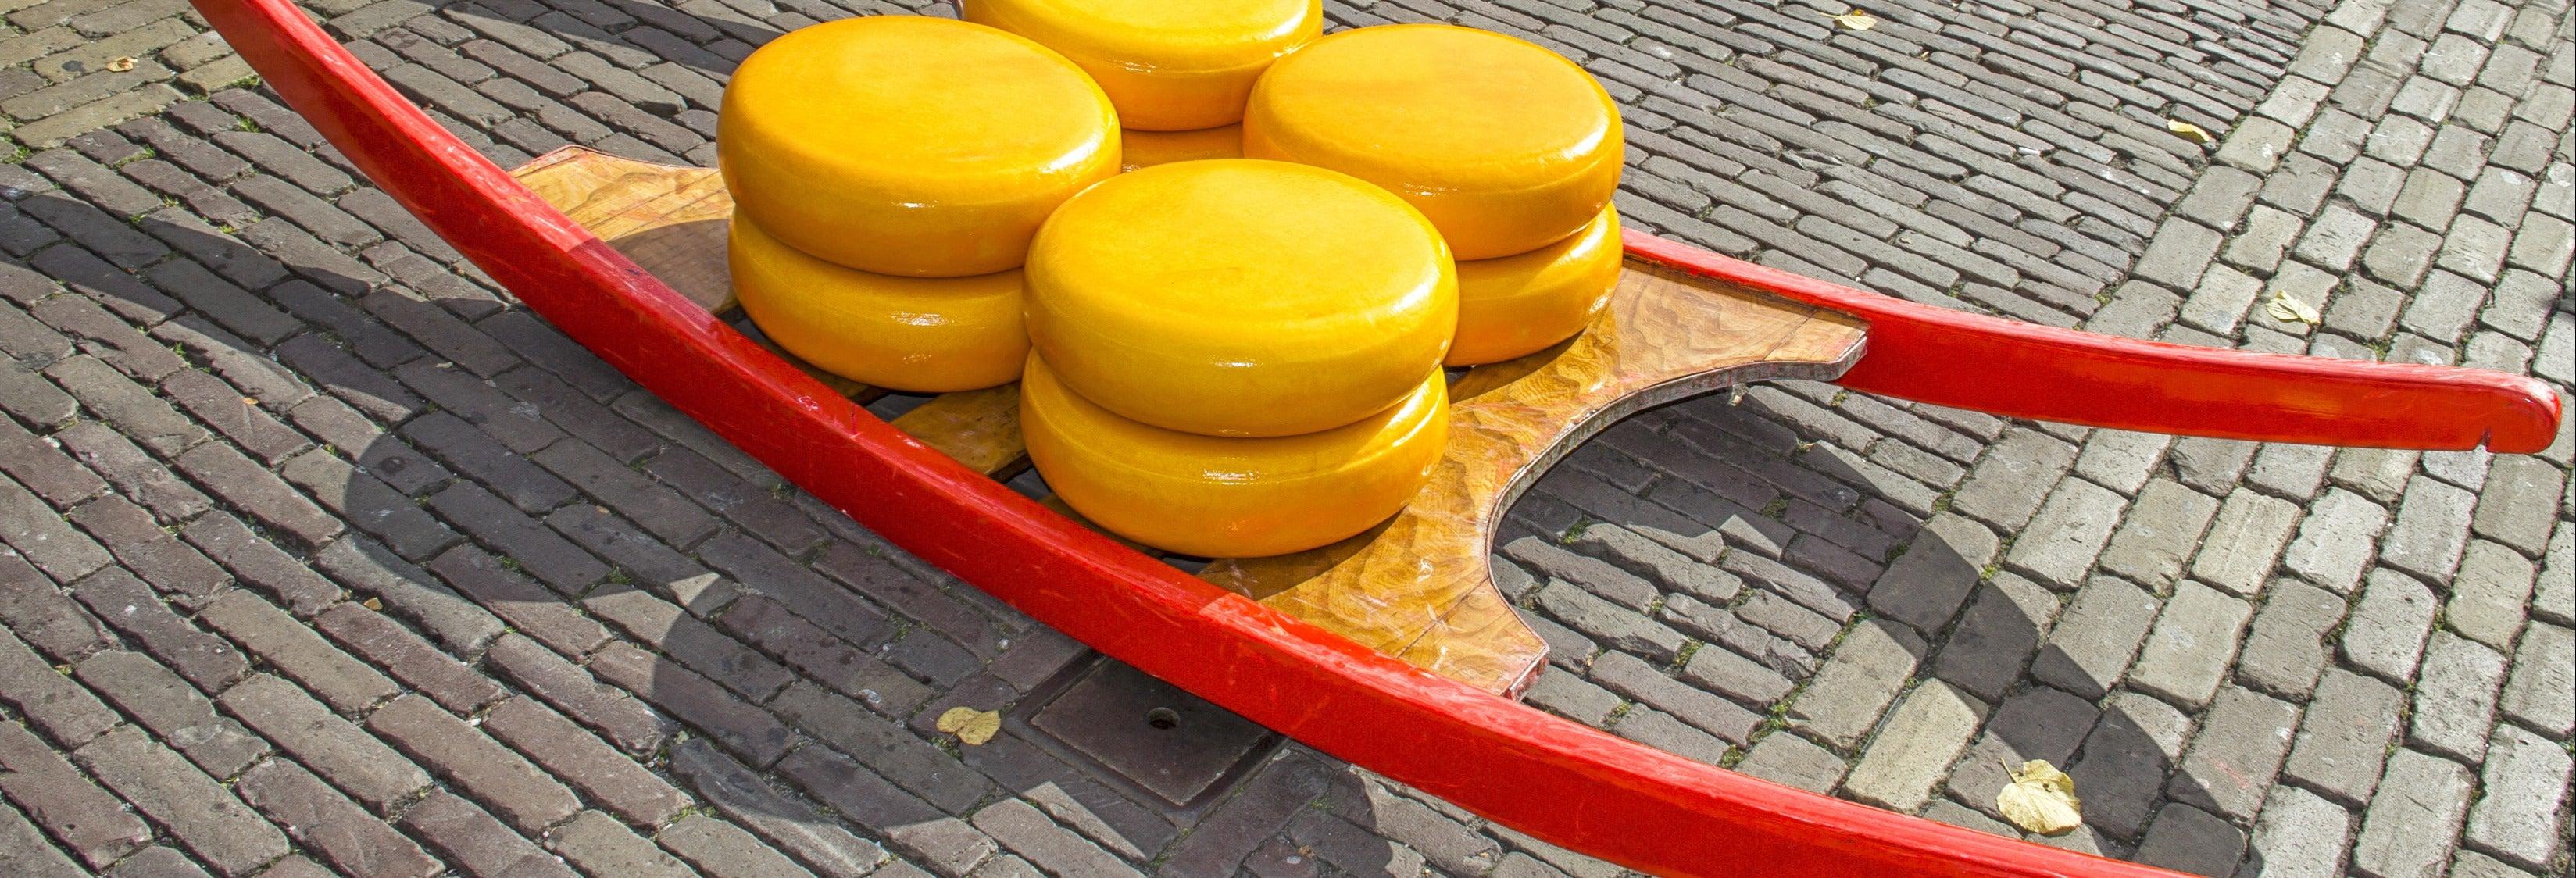 Excursión al mercado de quesos de Alkmaar